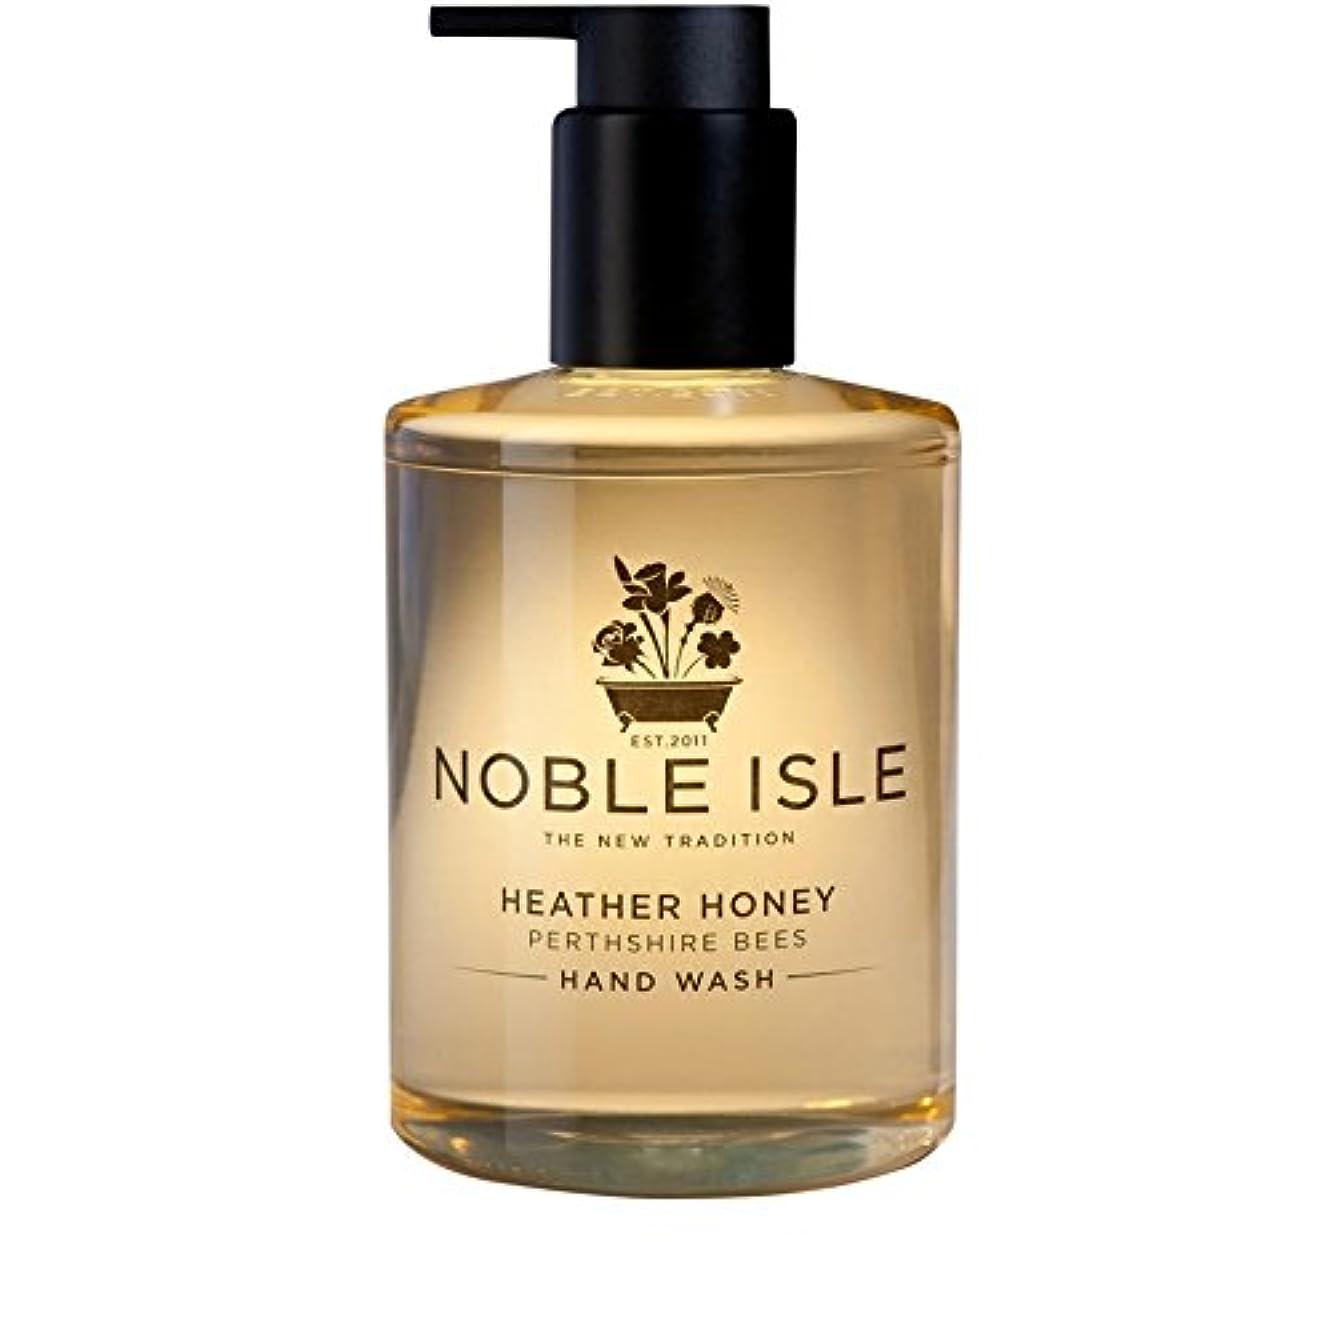 蒸発する打倒爆発するNoble Isle Heather Honey Perthshire Bees Hand Wash 250ml - 高貴な島杢蜂蜜パースシャー蜂のハンドウォッシュ250ミリリットル [並行輸入品]